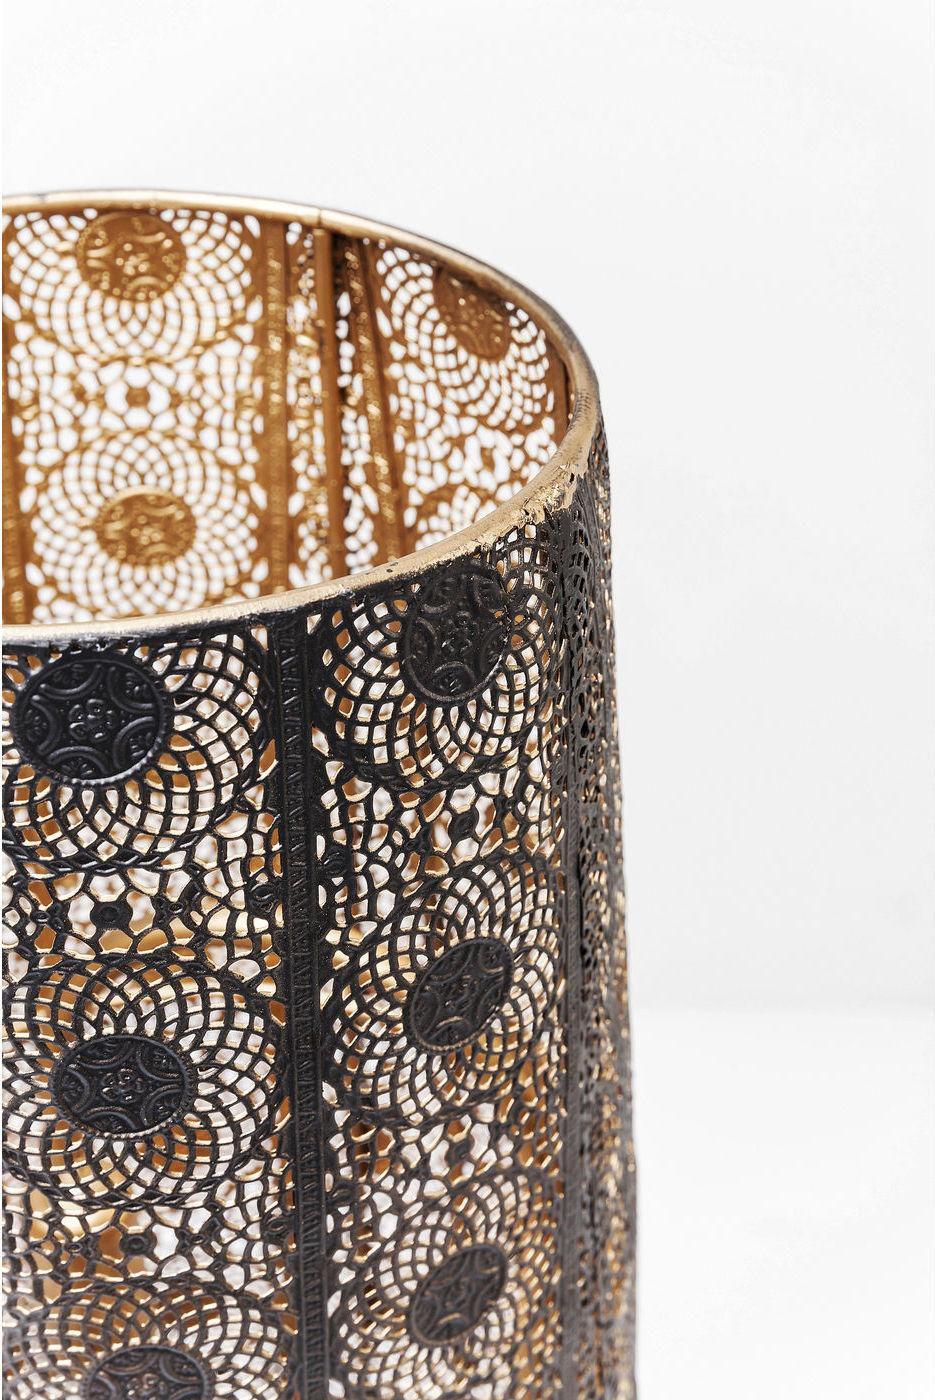 kare design stehlampe sultan cone 120cm. Black Bedroom Furniture Sets. Home Design Ideas